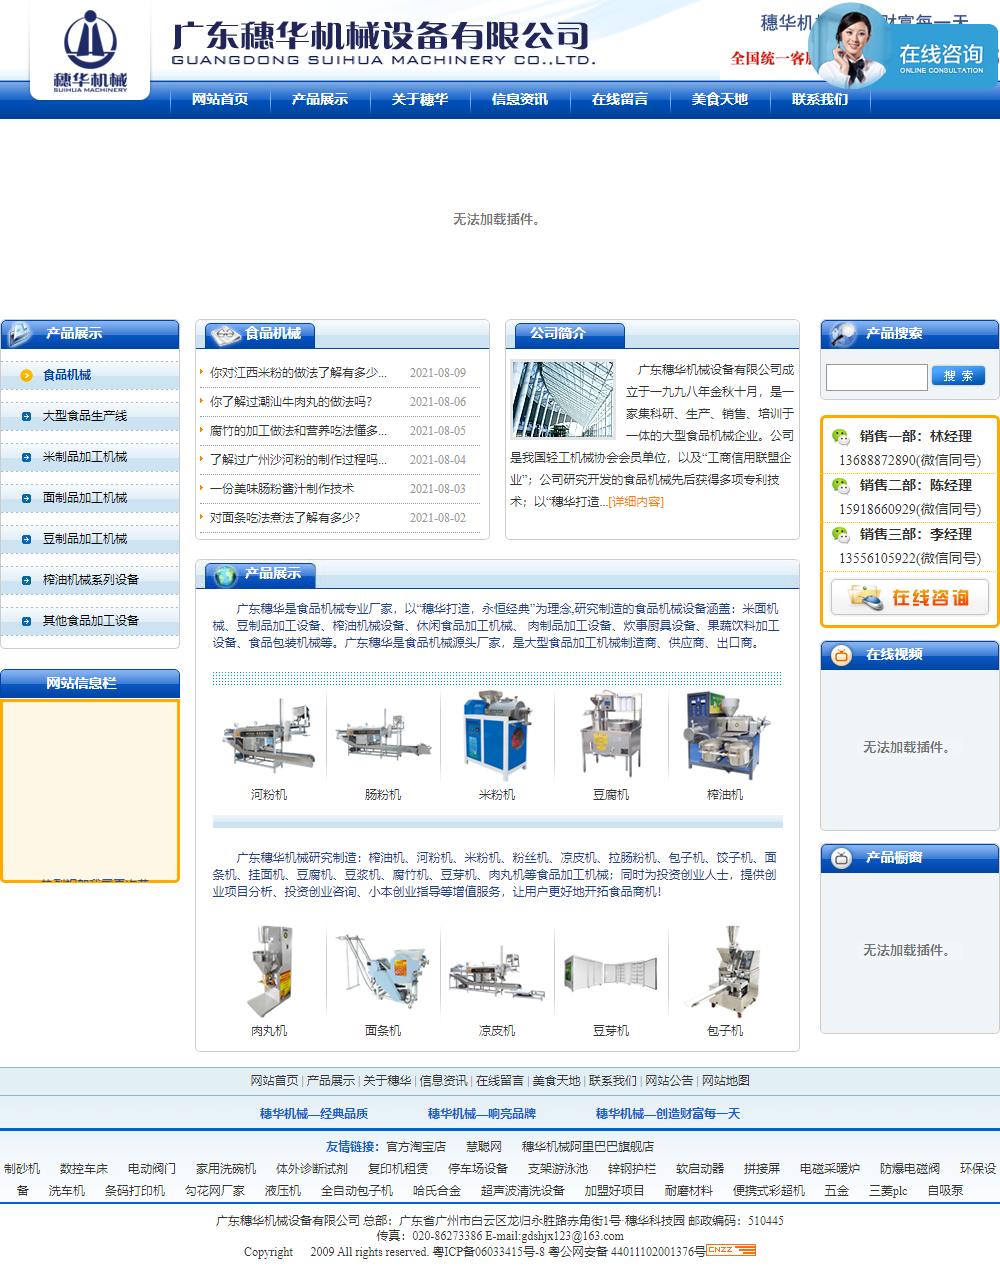 广东穗华机械设备有限公司网站案例